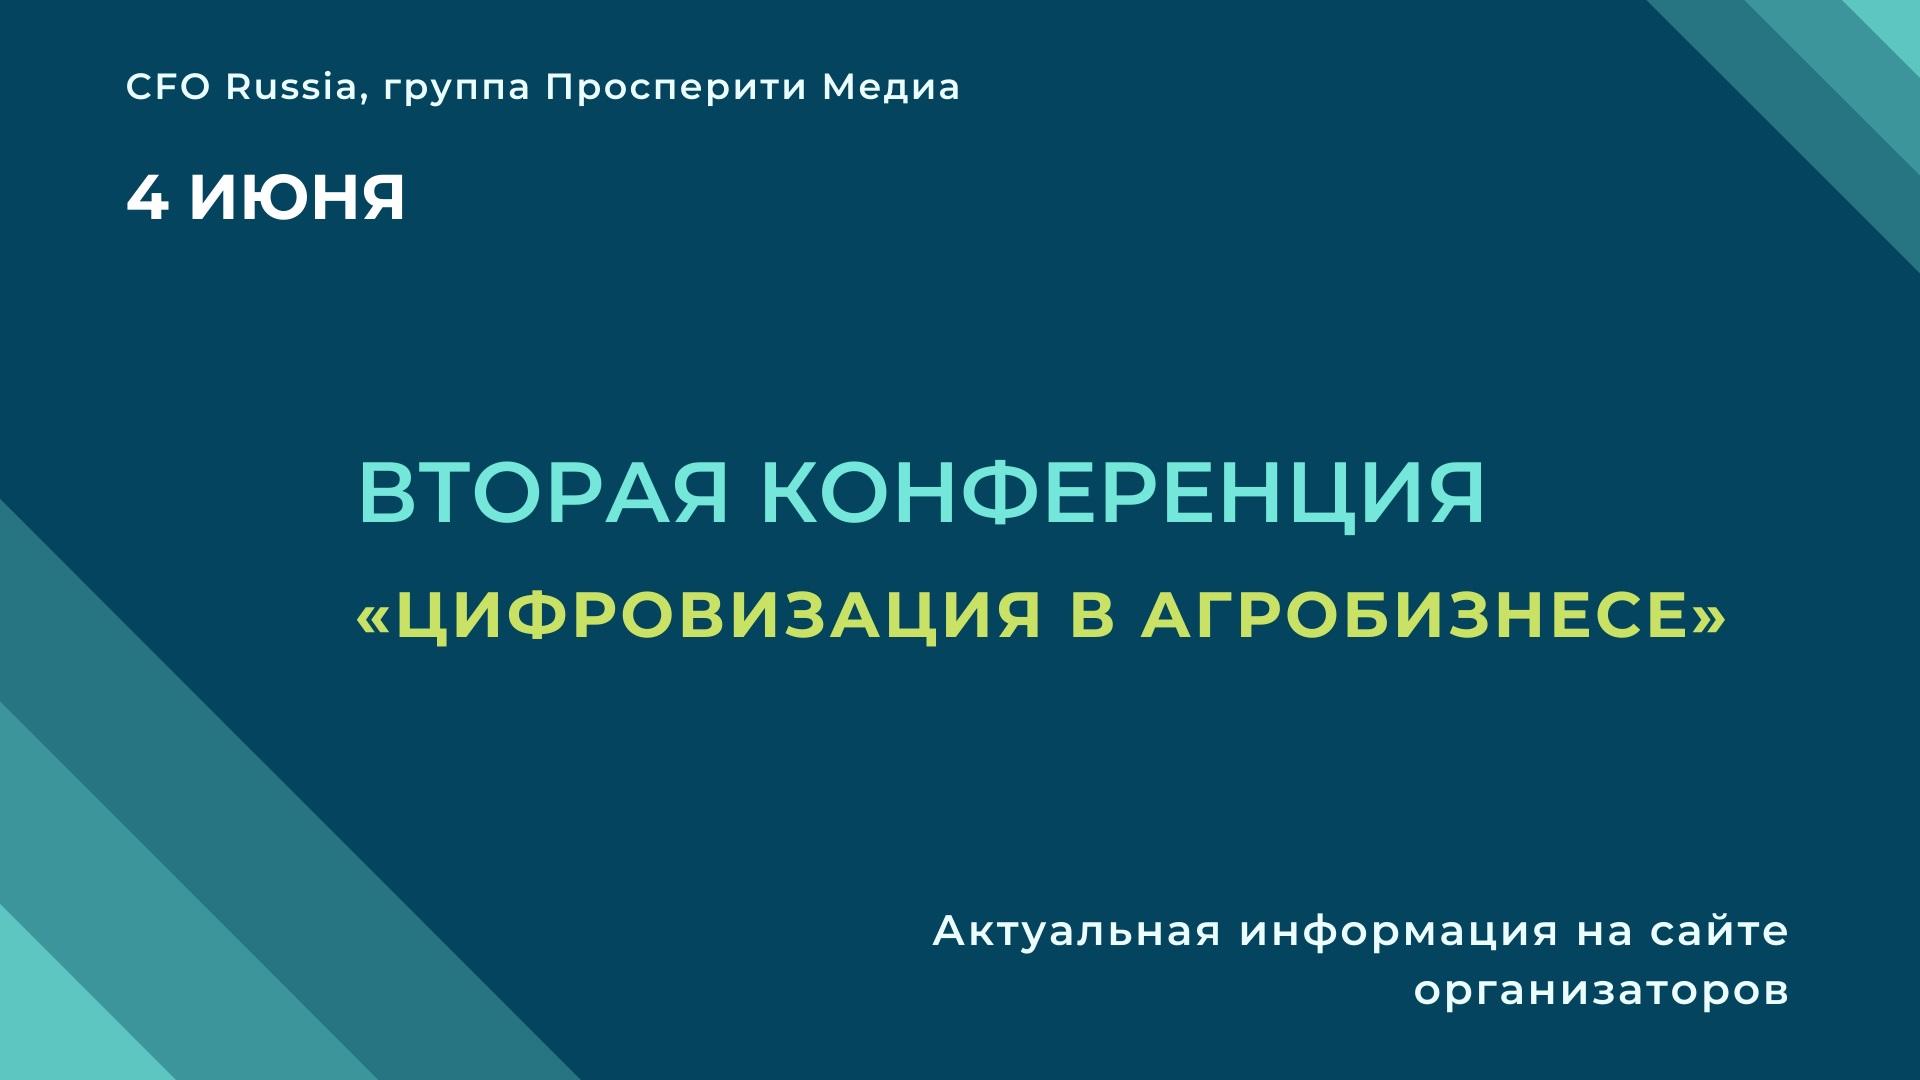 4 июня состоится Вторая конференция «Цифровизация в агробизнесе», организованная группой «Просперити Медиа» и порталом CFO-Russia.ru